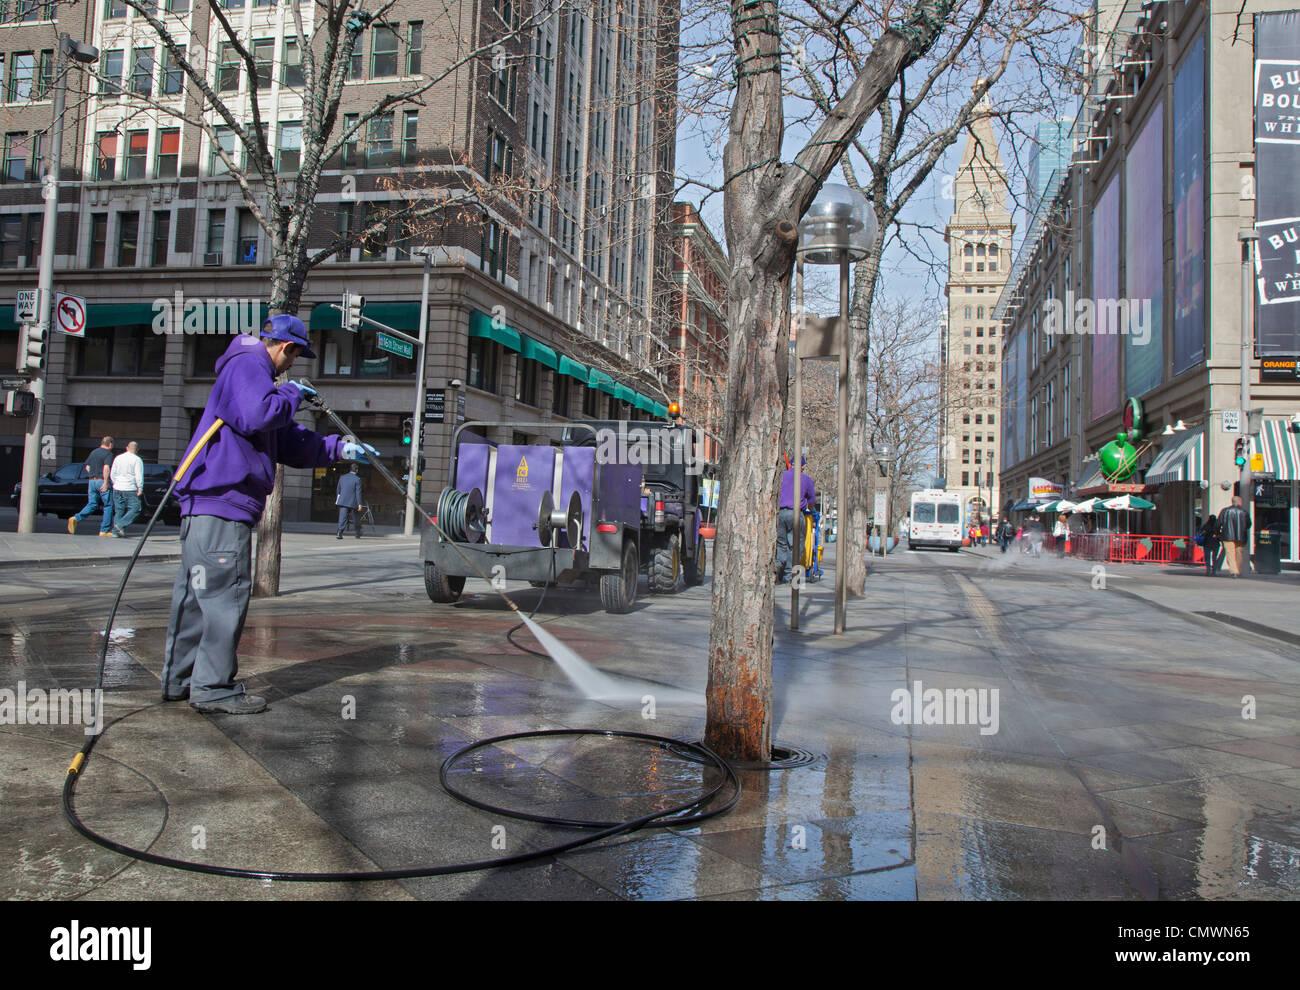 Denver, Colorado - ein Arbeiter reinigt die Fußgängerzone 16th Street Mall. Stockfoto